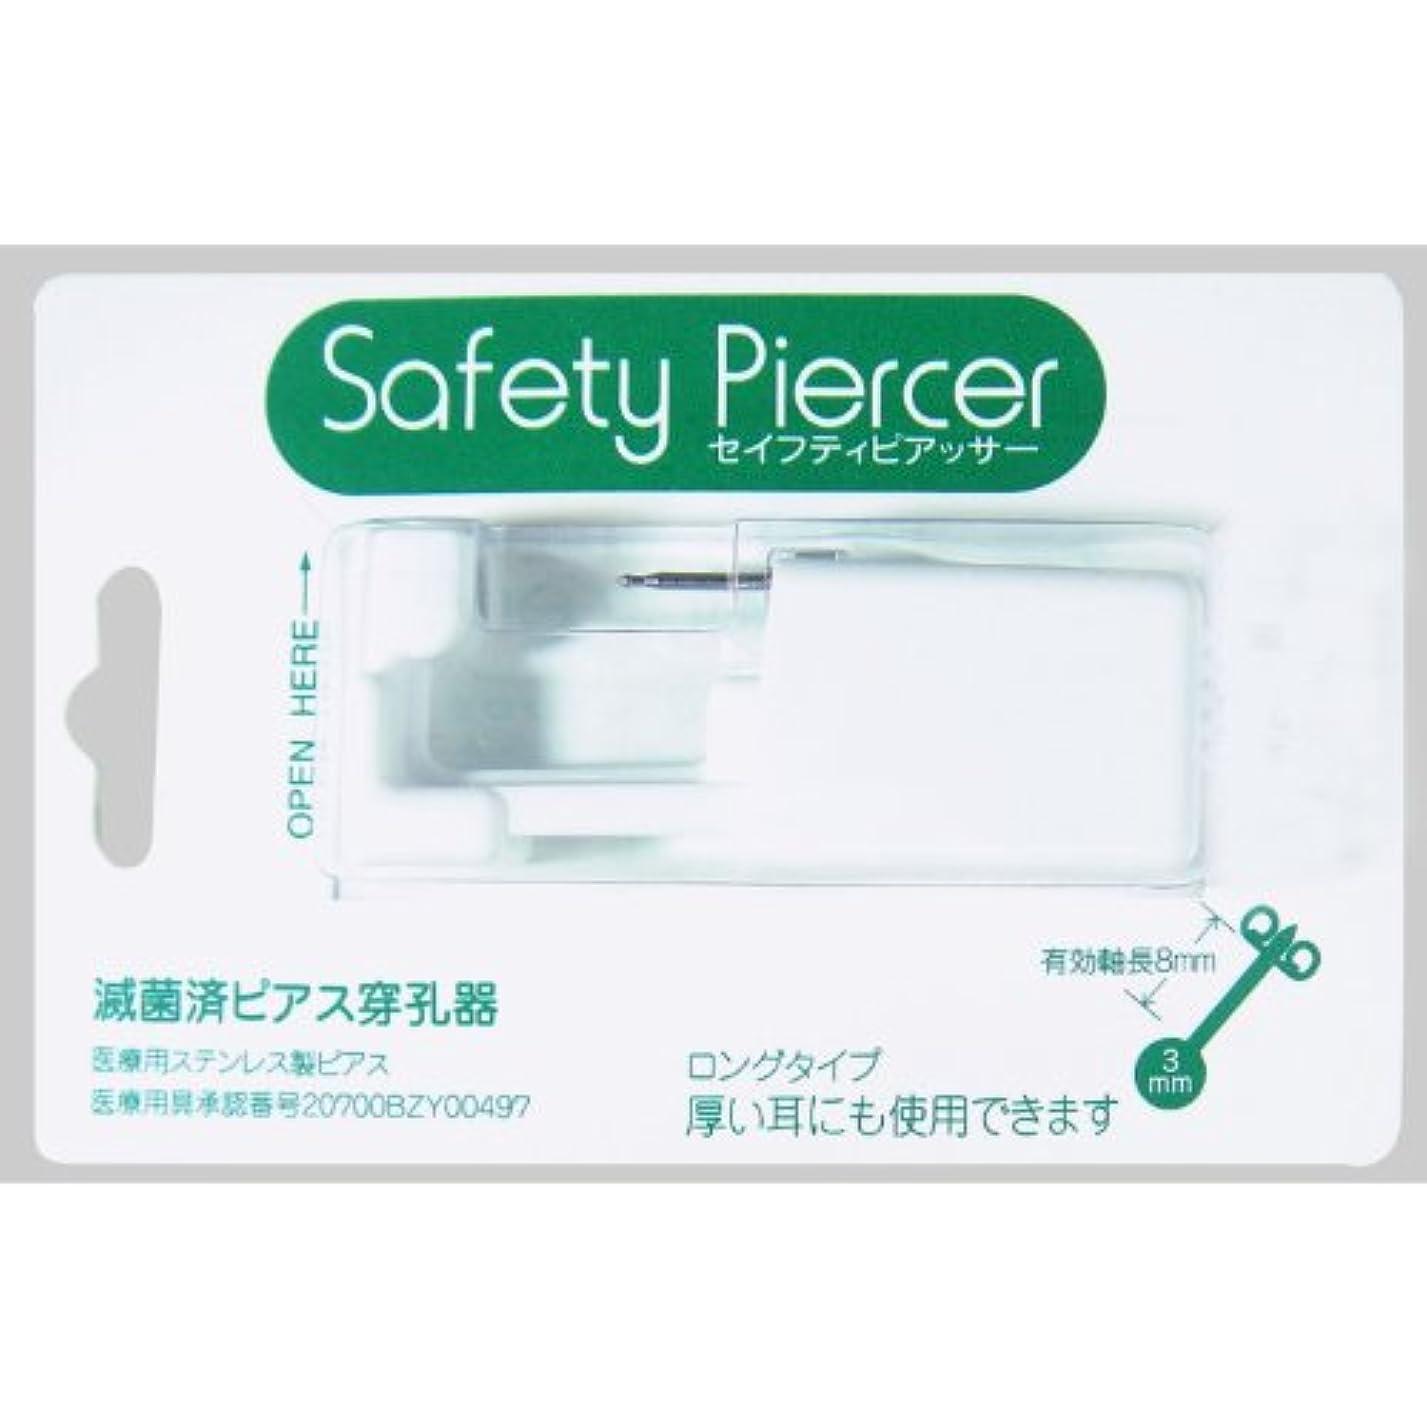 プラスチック中庭神セイフティピアッサー シルバー(医療用ステンレス) 3mm トパーズ色 5M111WL